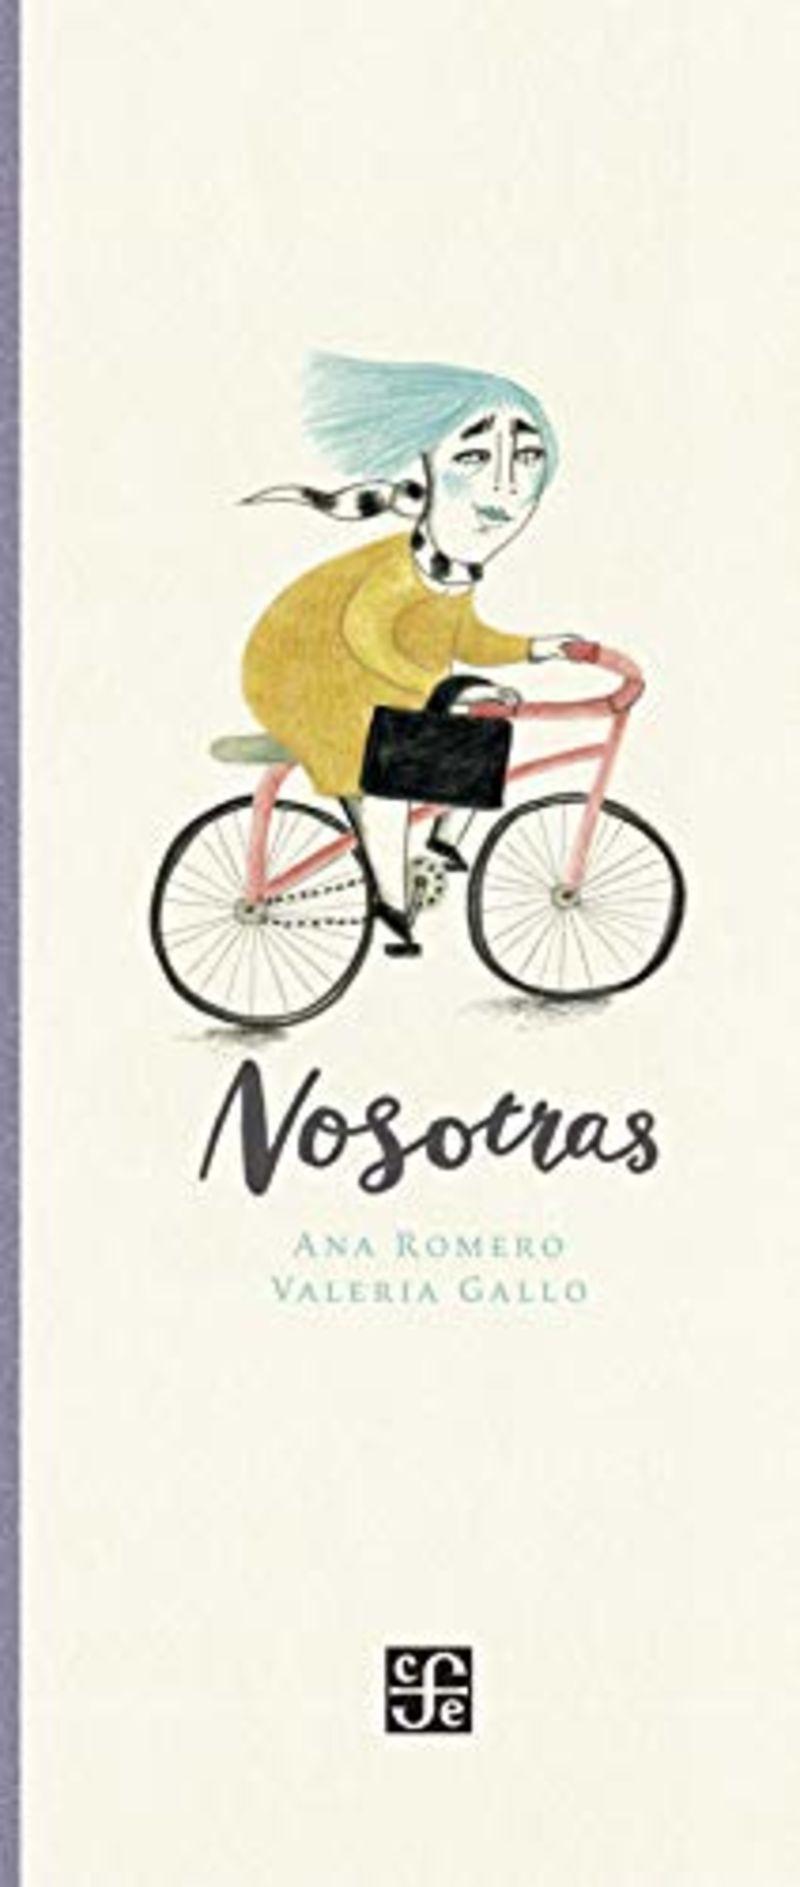 NOSTRAS / NOSOTROS